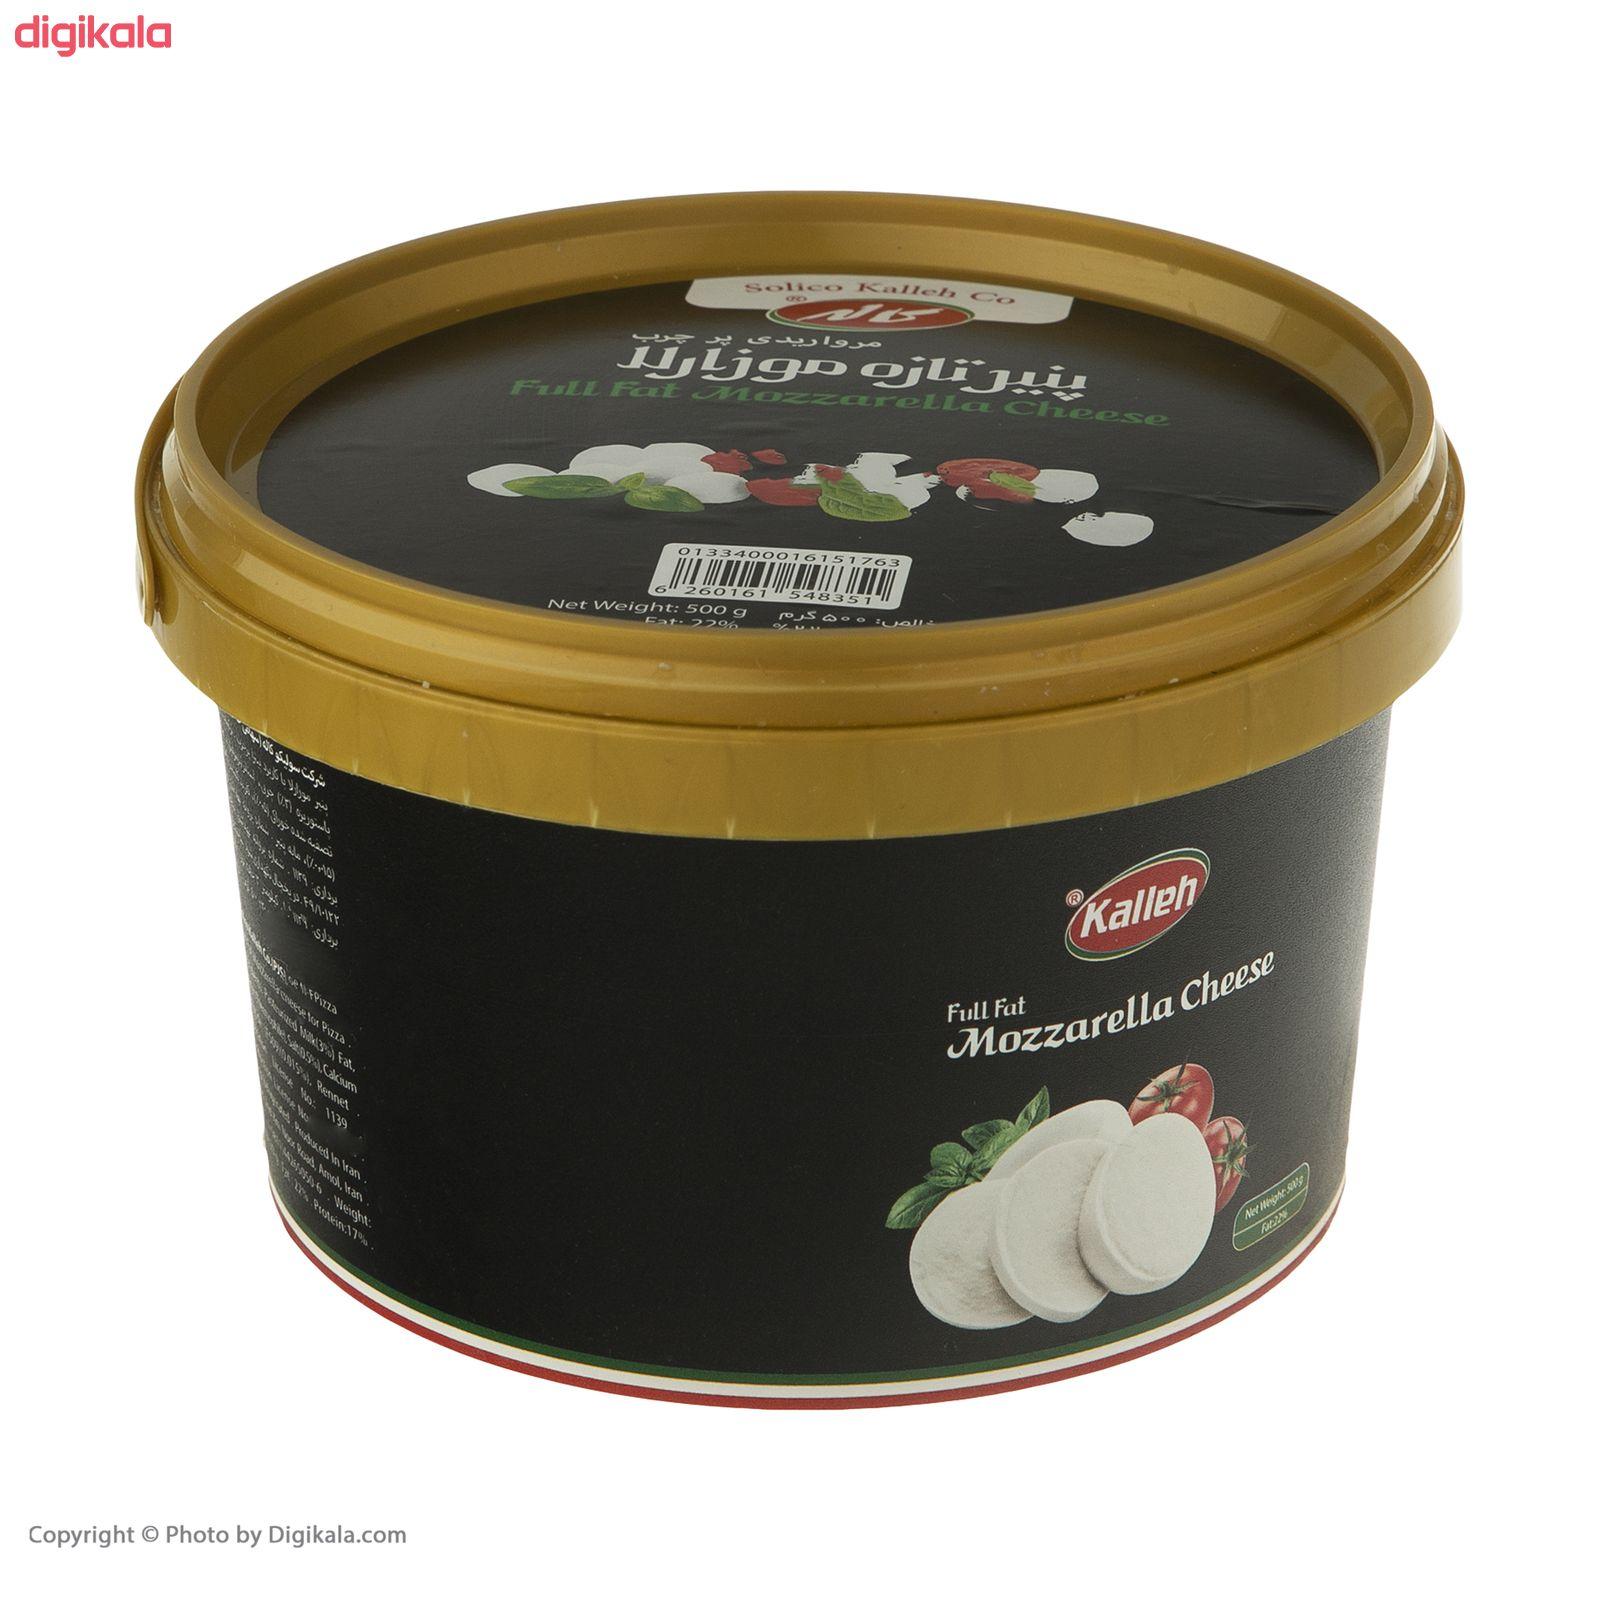 پنیر تازه موزارلا کاله مدل توپی مقدار 500 گرم main 1 6